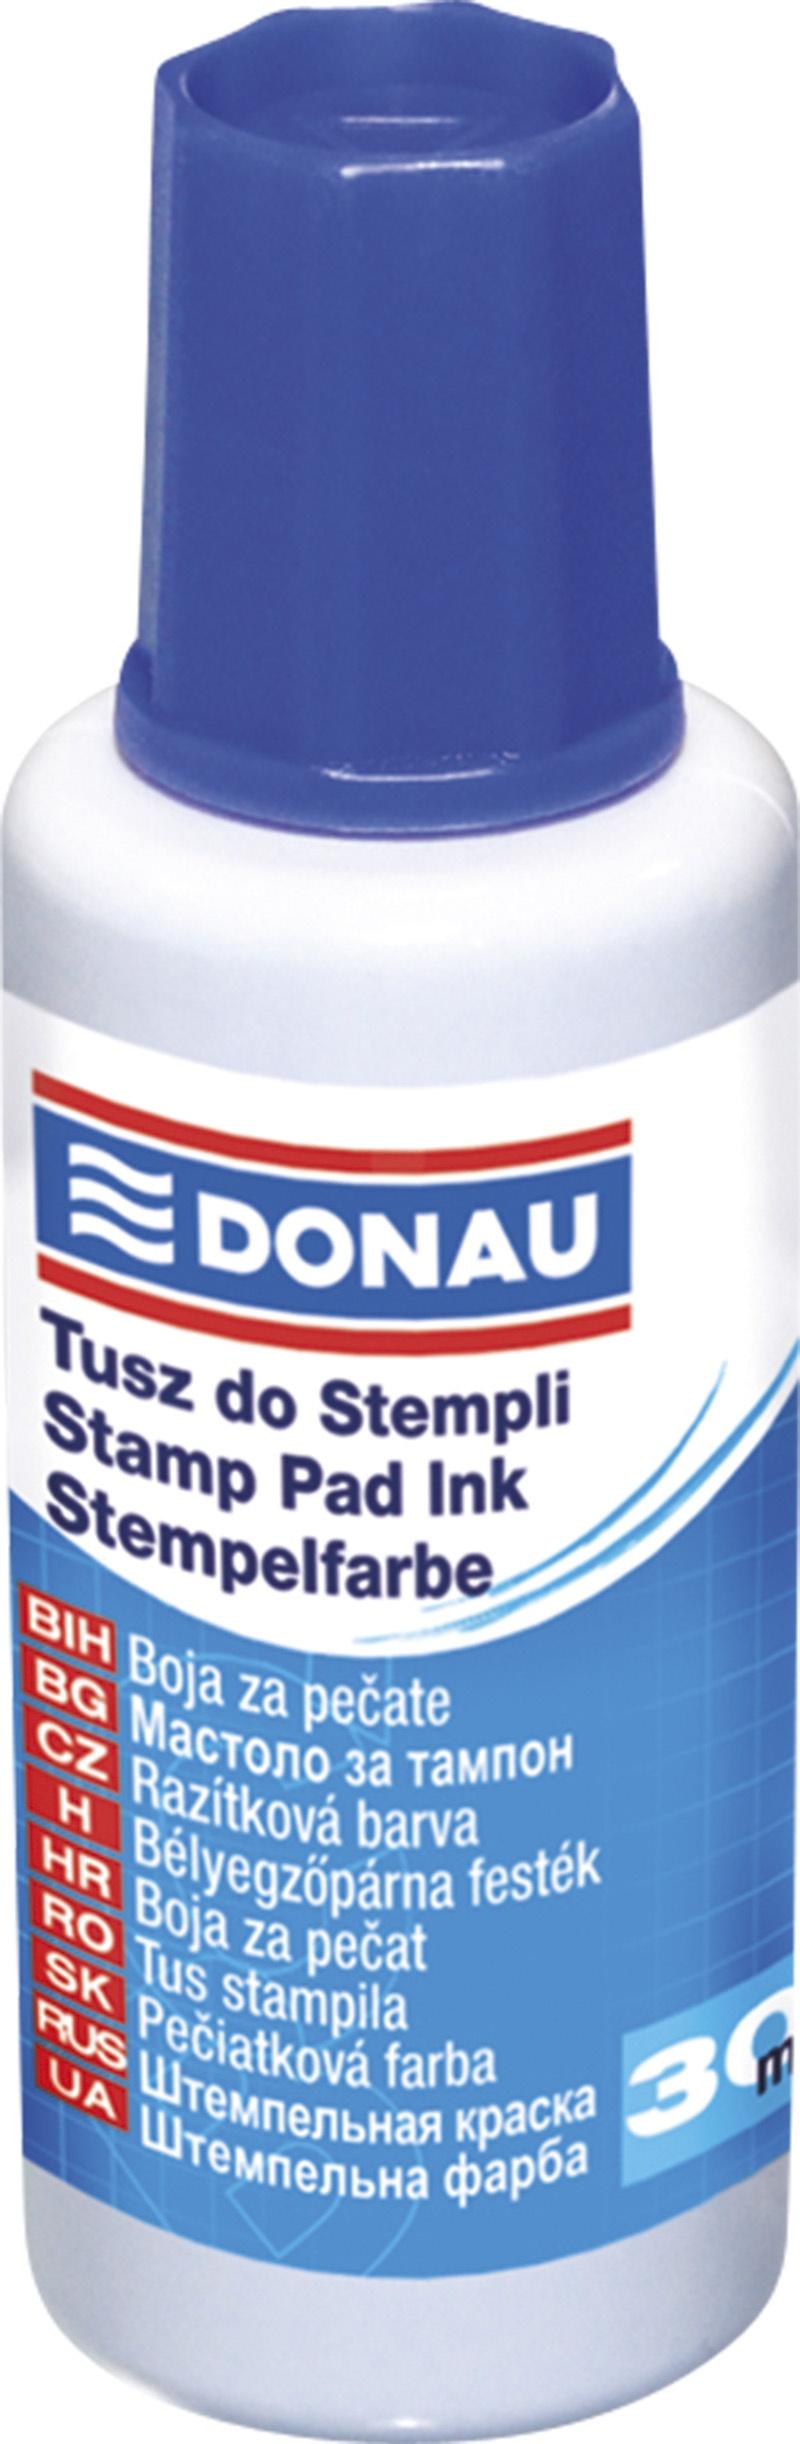 Tus stampile, 30ml, DONAU - albastru